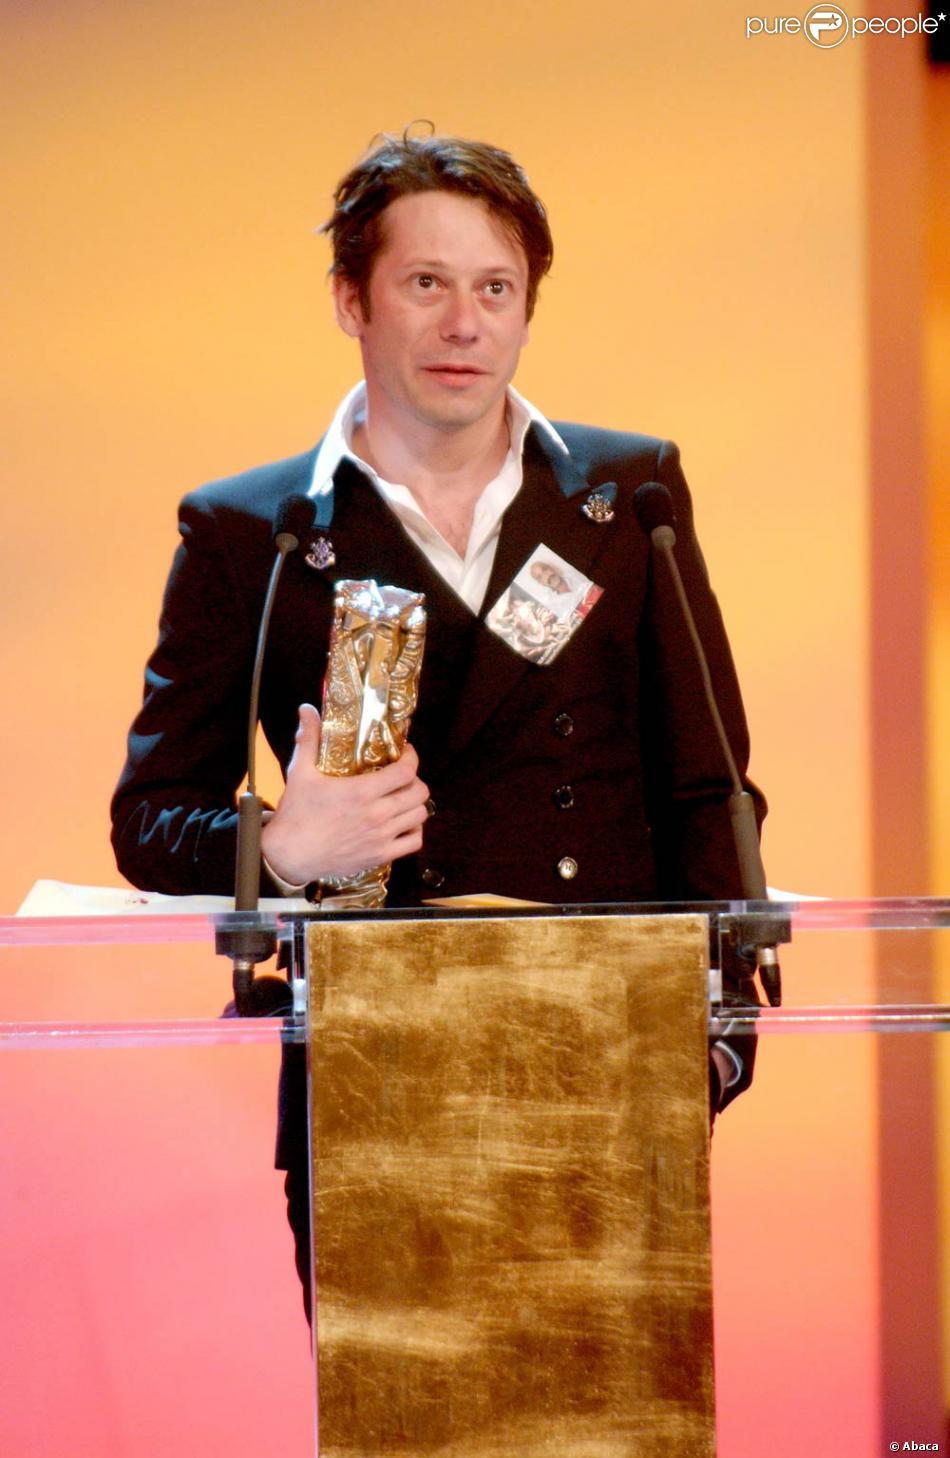 """Mathieu Amalric (César du meilleur acteur pour """"Rois et Reine"""" en 2005) gagne à nouveau en 2008 pour """"Le scaphandre et le papillon"""" et lit un discours sur la défense du cinéma indépendant. Son texte sera écourté : censure ?"""